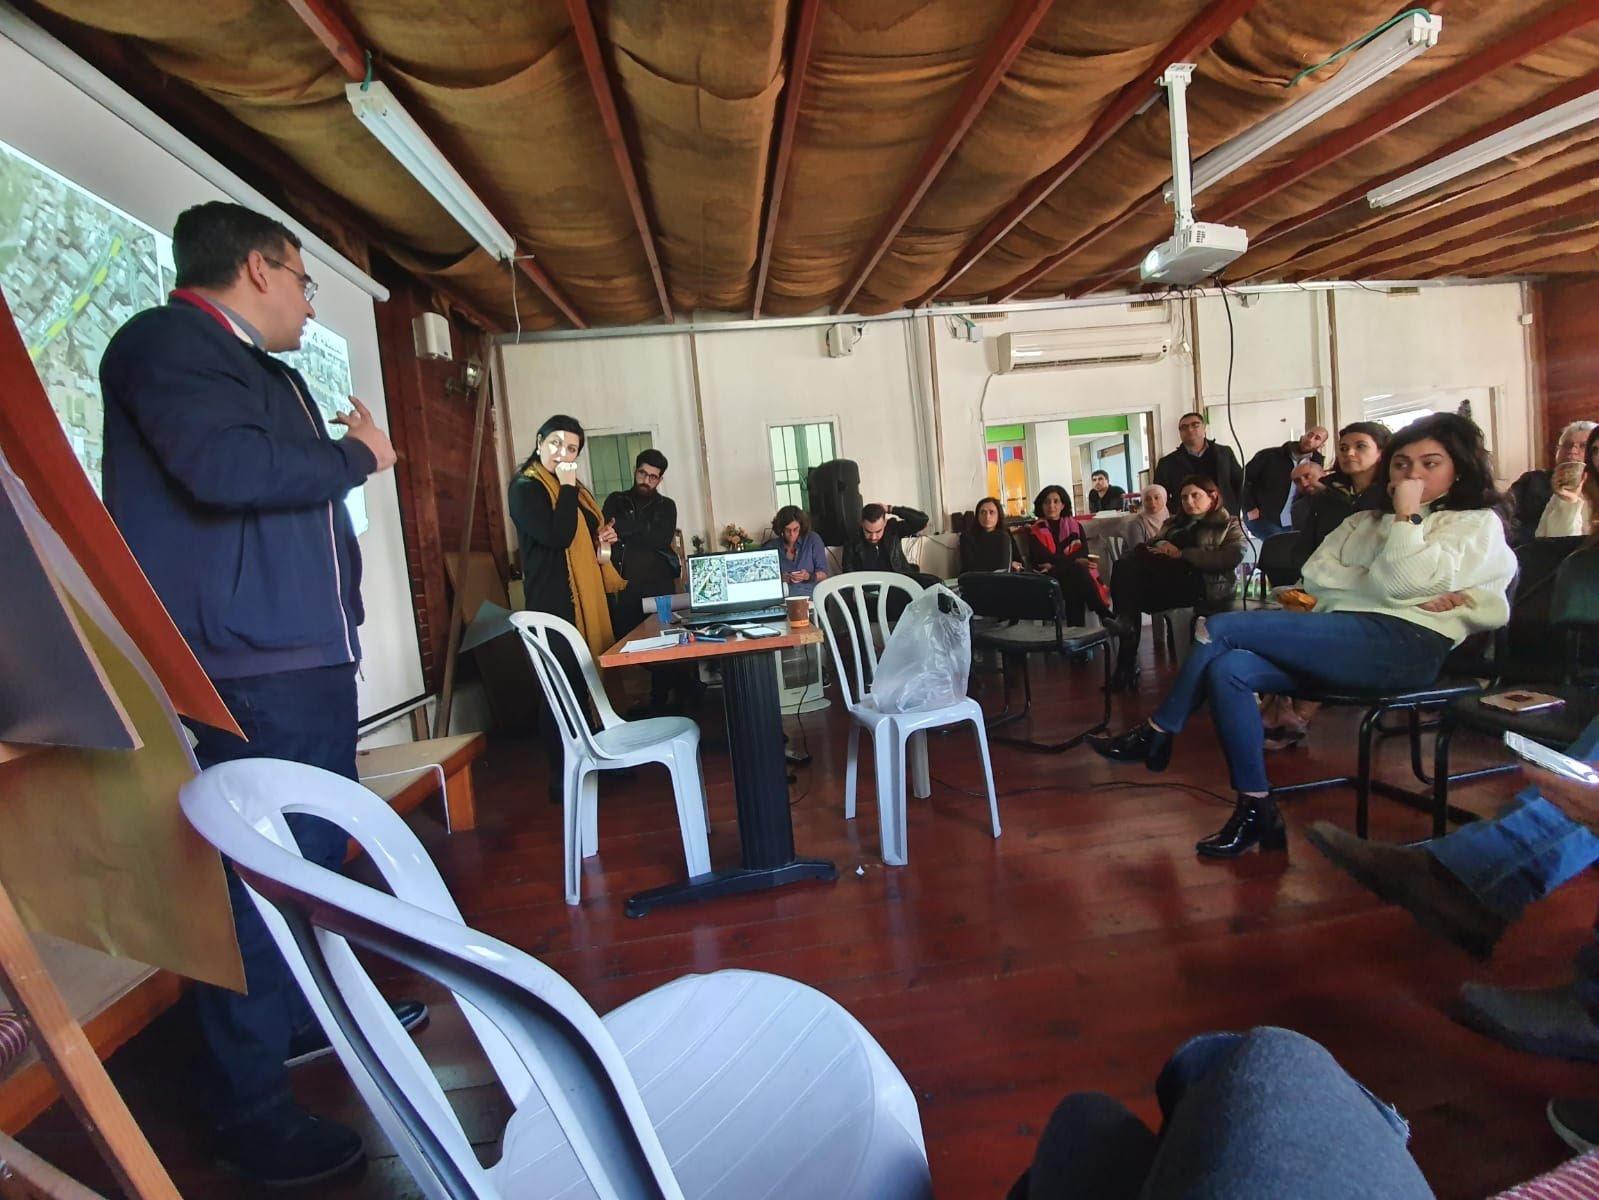 المركز العربي للتخطيط البديل ينظم يومًا دراسيًا عن صناعة المكان placemaking في الناصرة